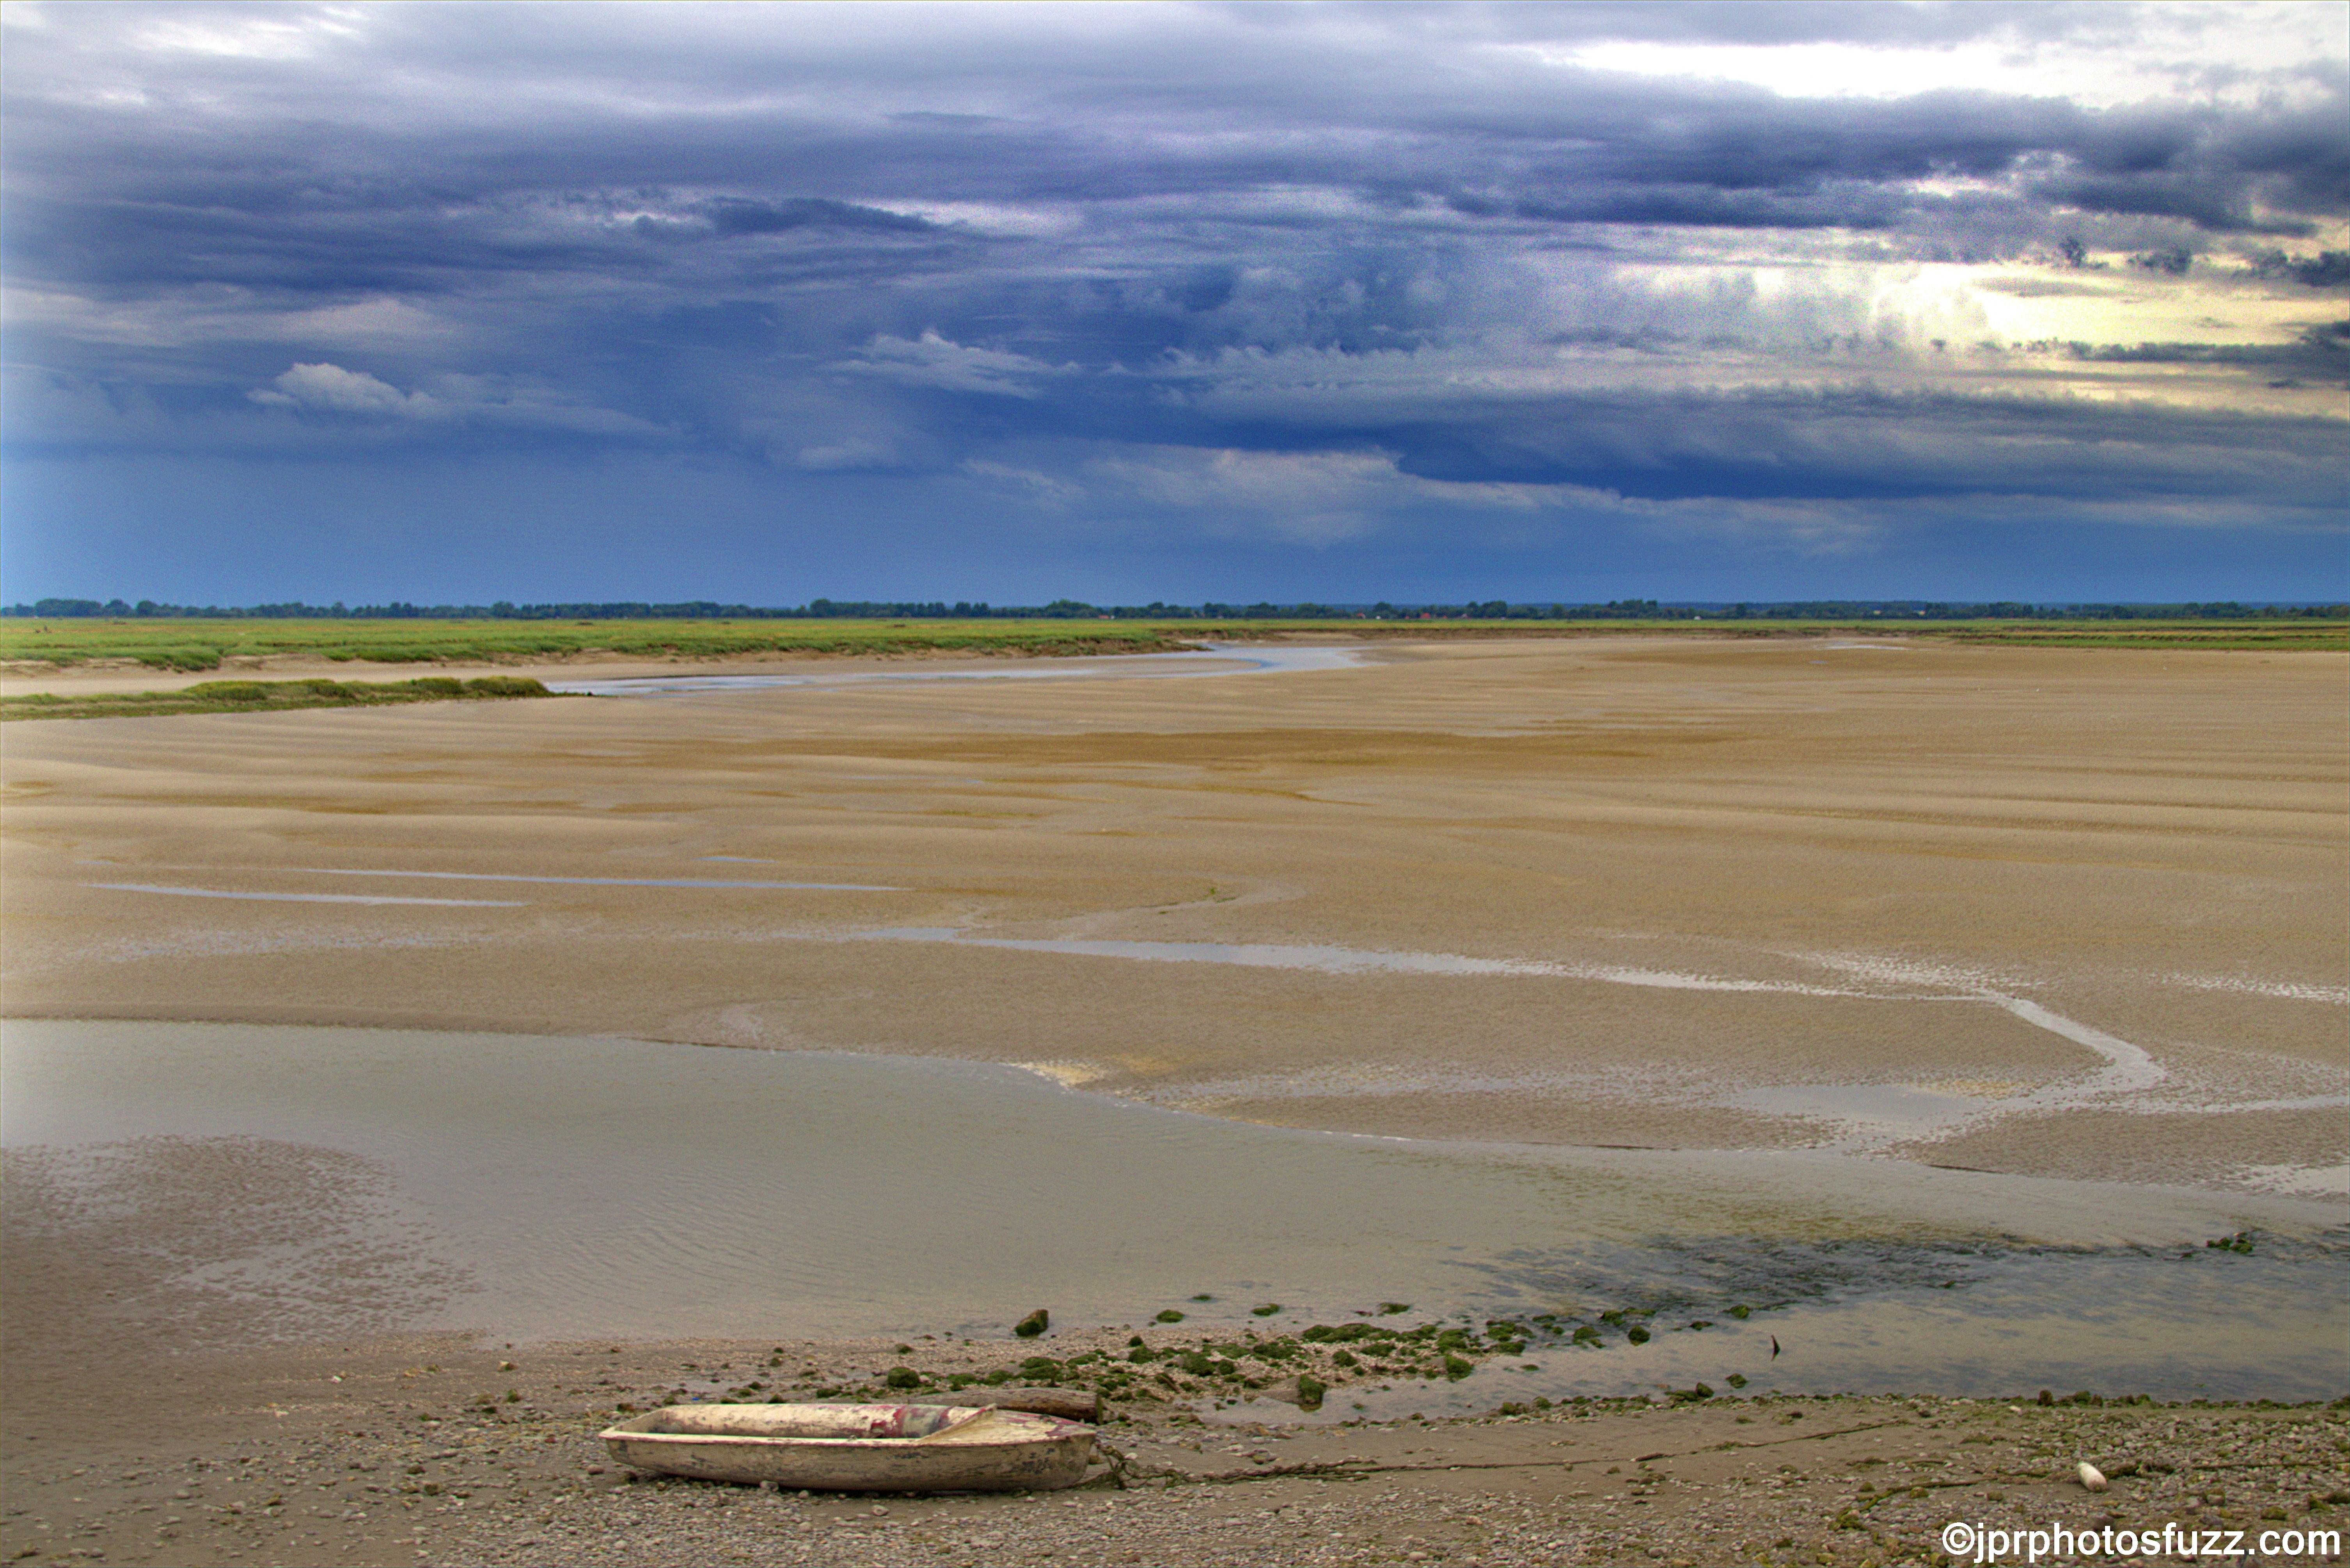 LE CROTOY Baie de Somme